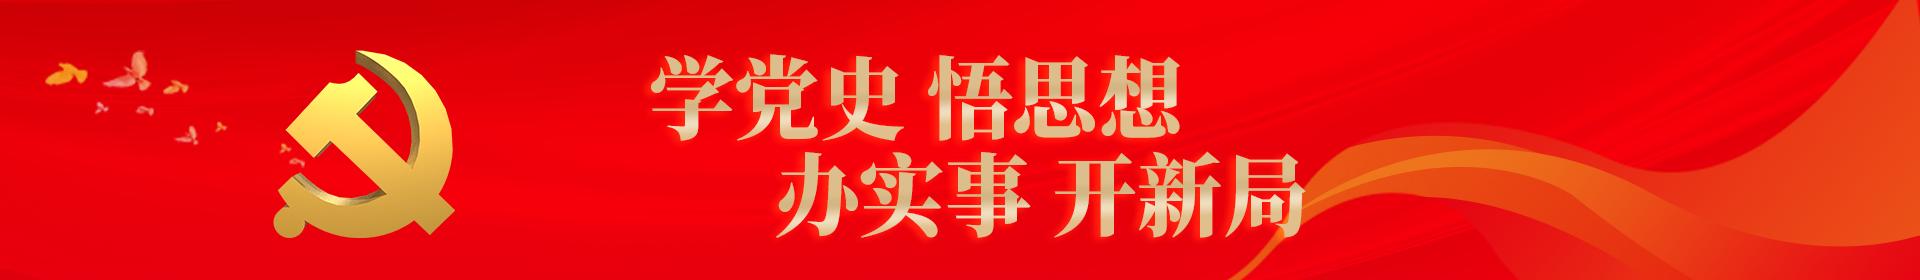 学党史 悟思想 办实事 开新局